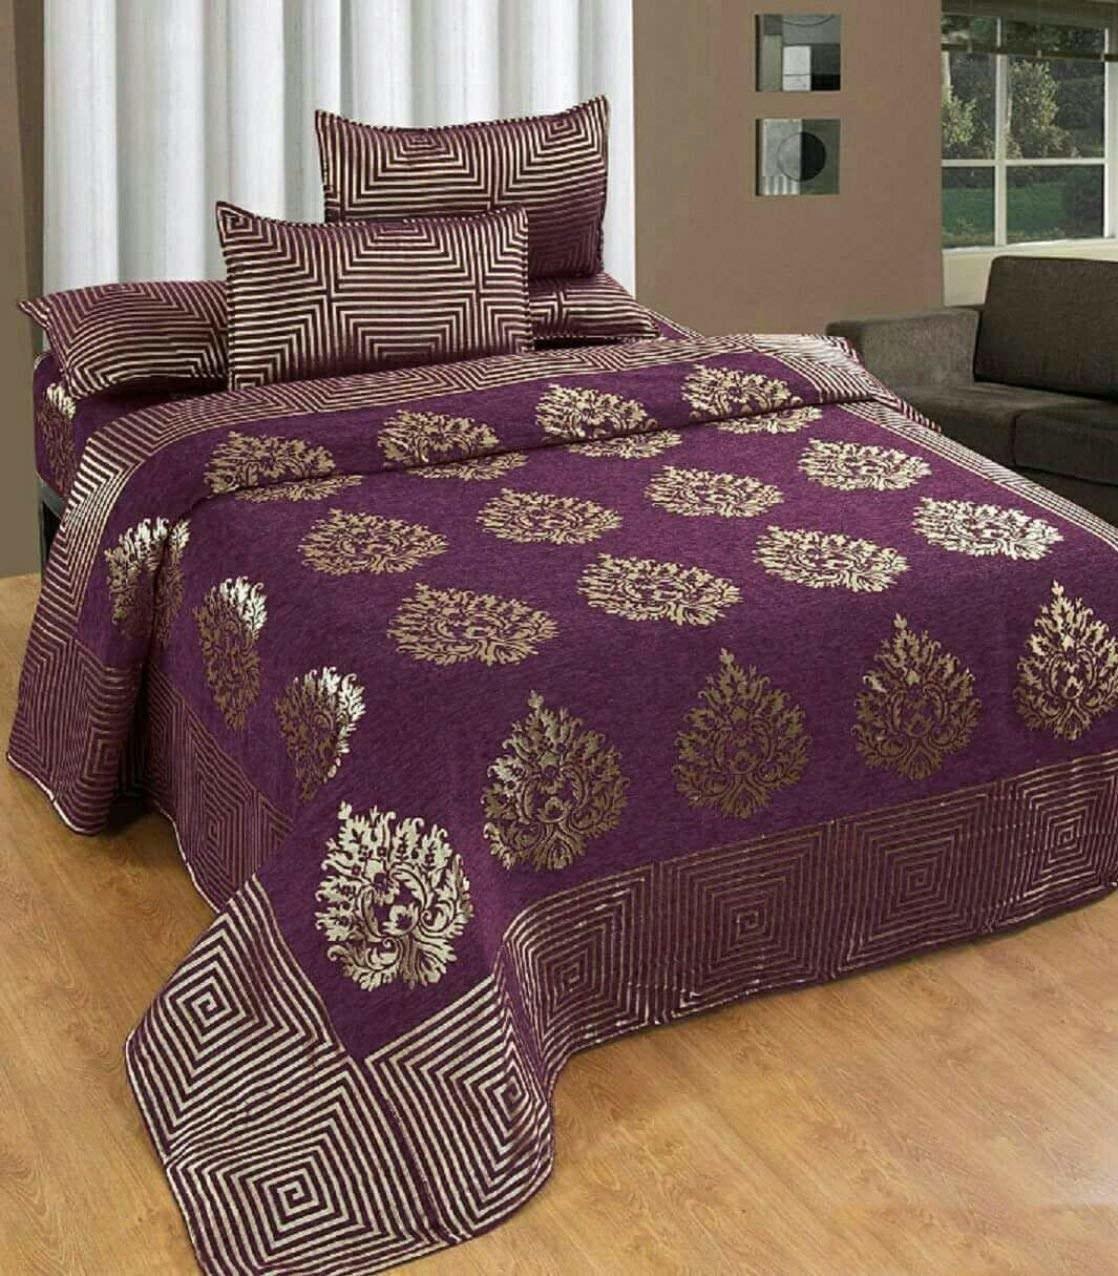 A purple bedsheet